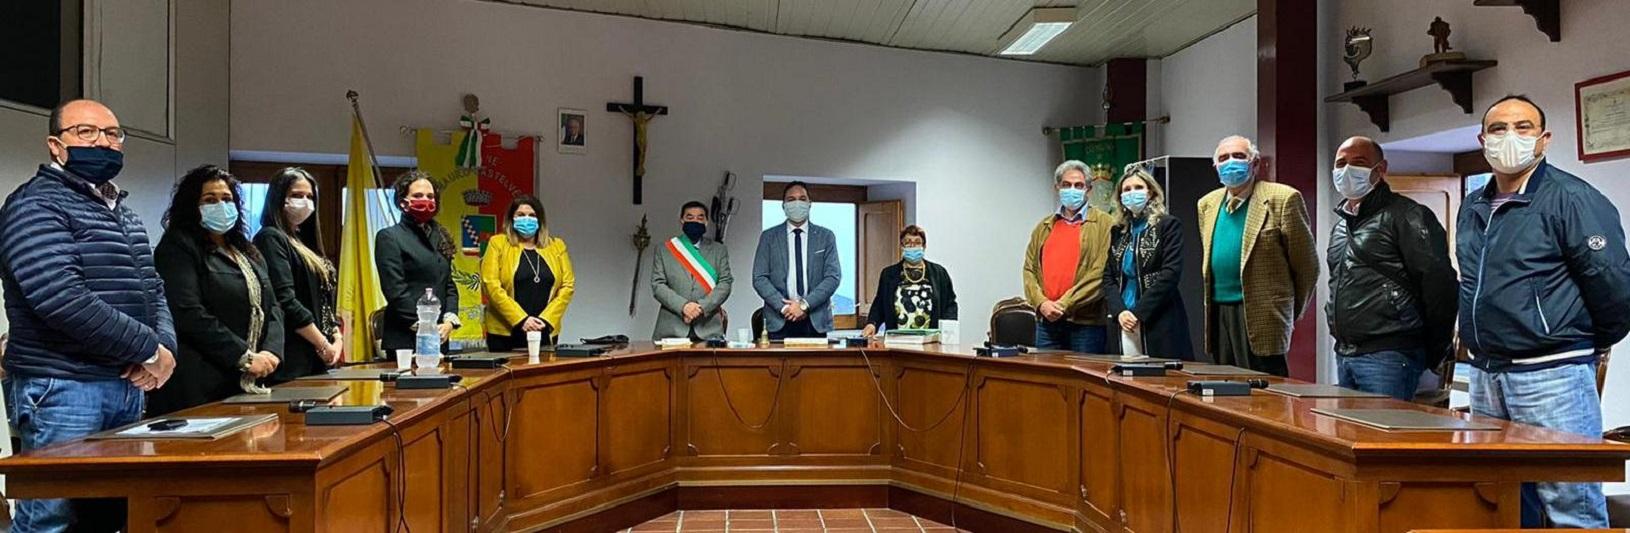 Prima riunione del consiglio comunale: Giuseppe Maccataio è presidente